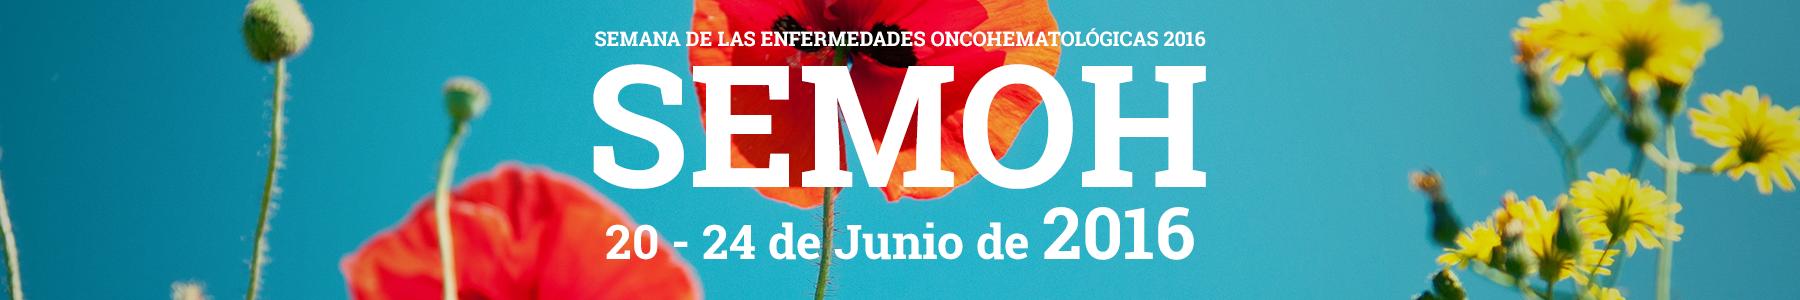 cabecera-web-aeal-semoh-2016